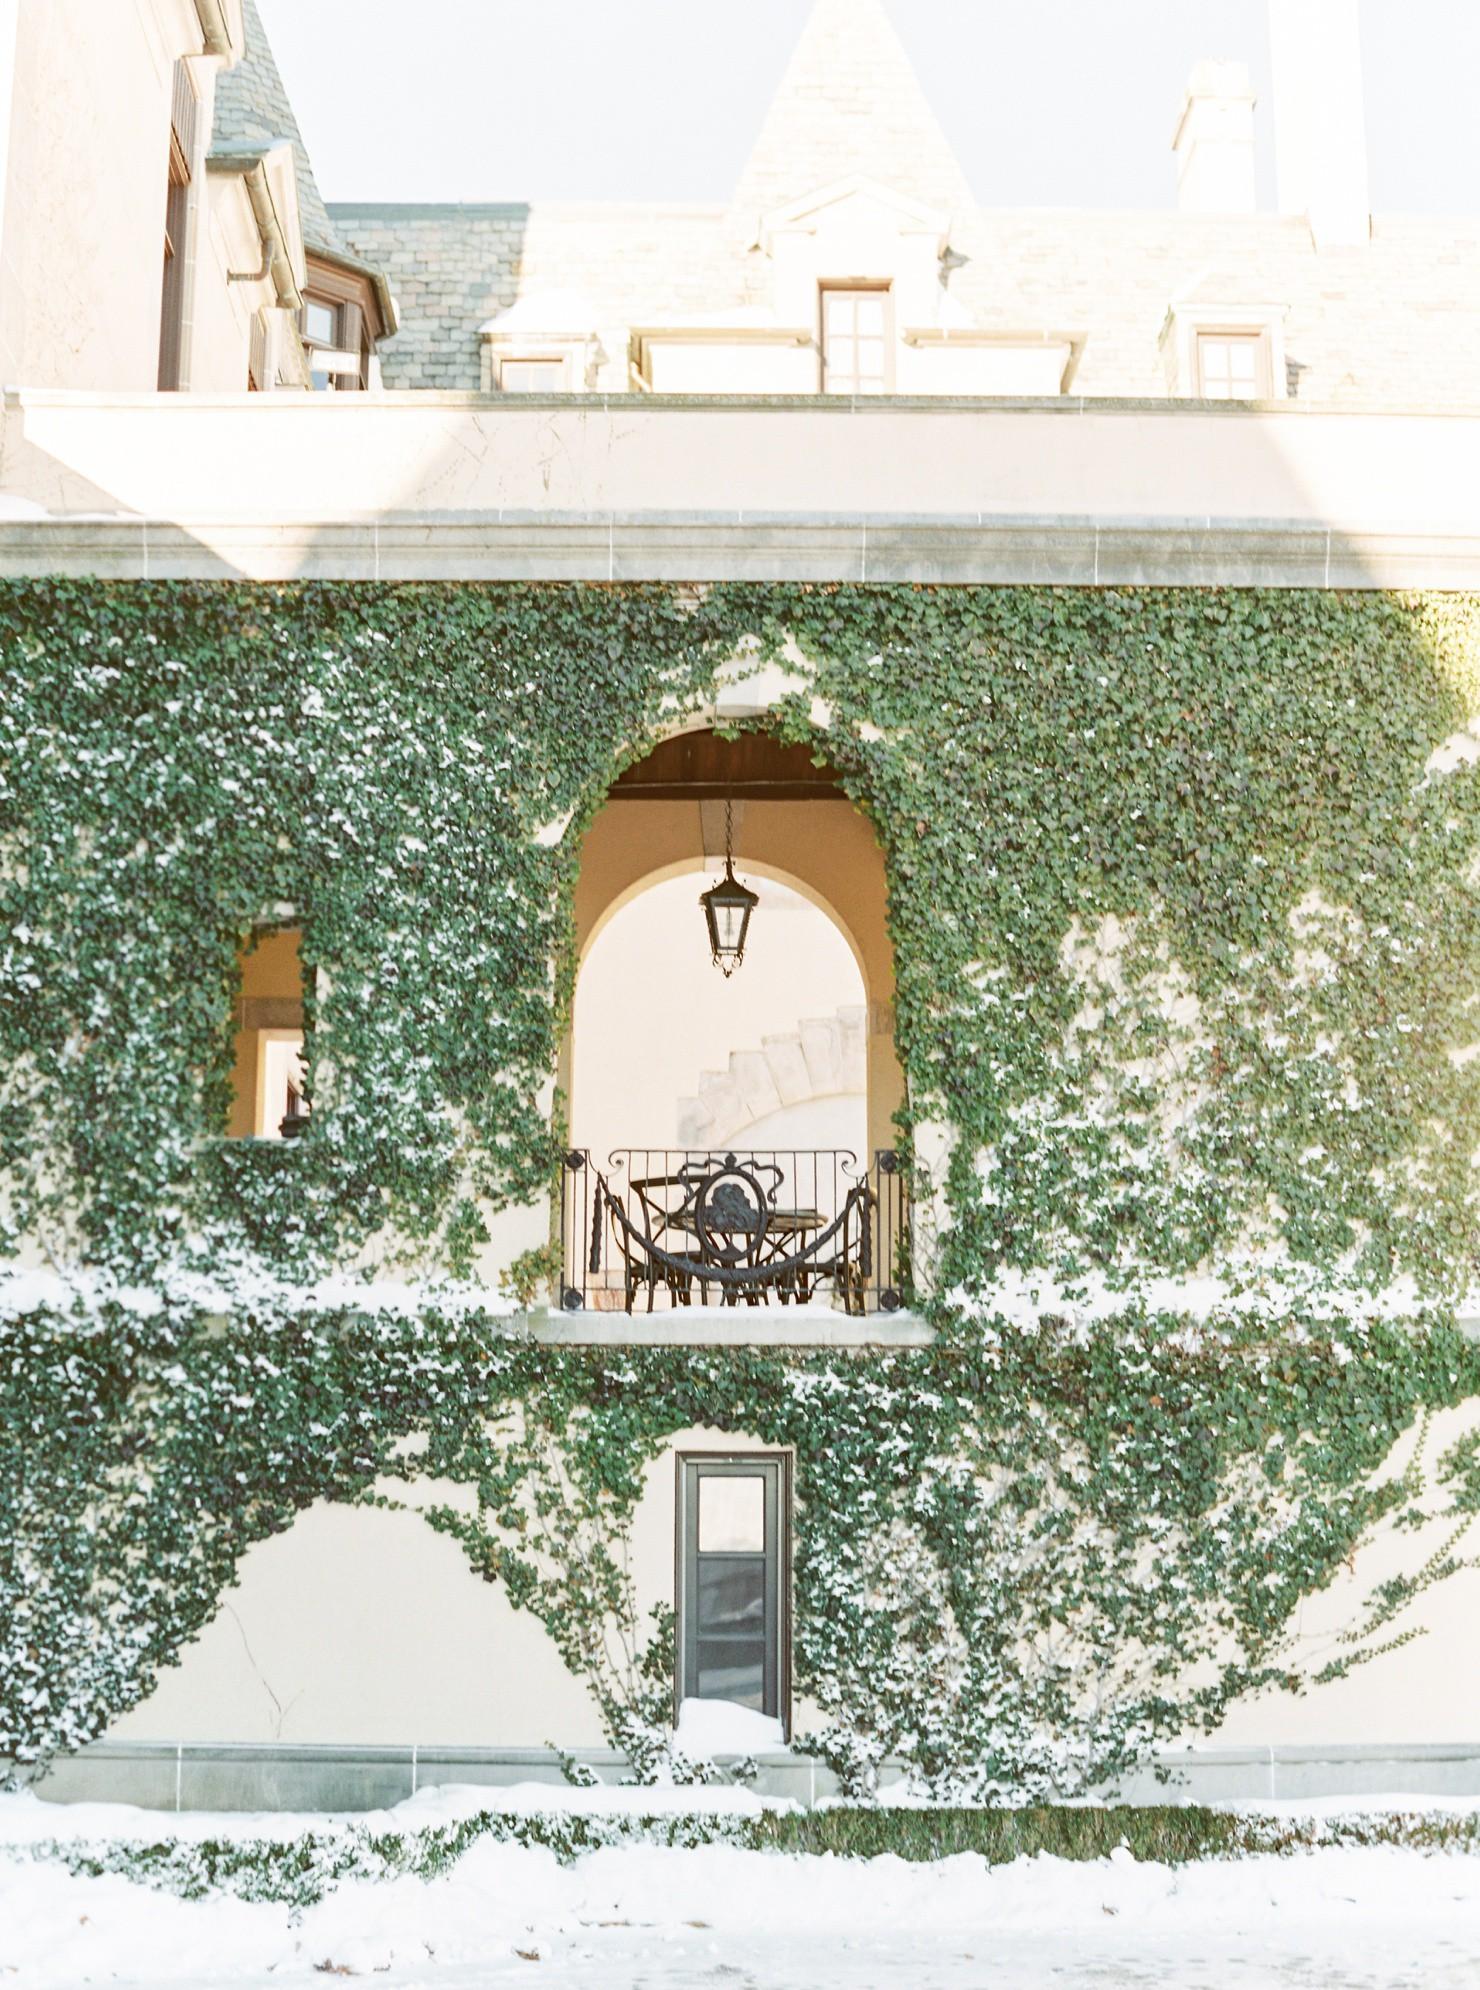 4 sự thật về toà lâu đài mà chỉ giới nhà giàu ở Mỹ mới dám thuê tổ chức đám cưới, Taylor Swfit là ngôi sao hiếm hoi từng quay MV ở đây - Ảnh 12.